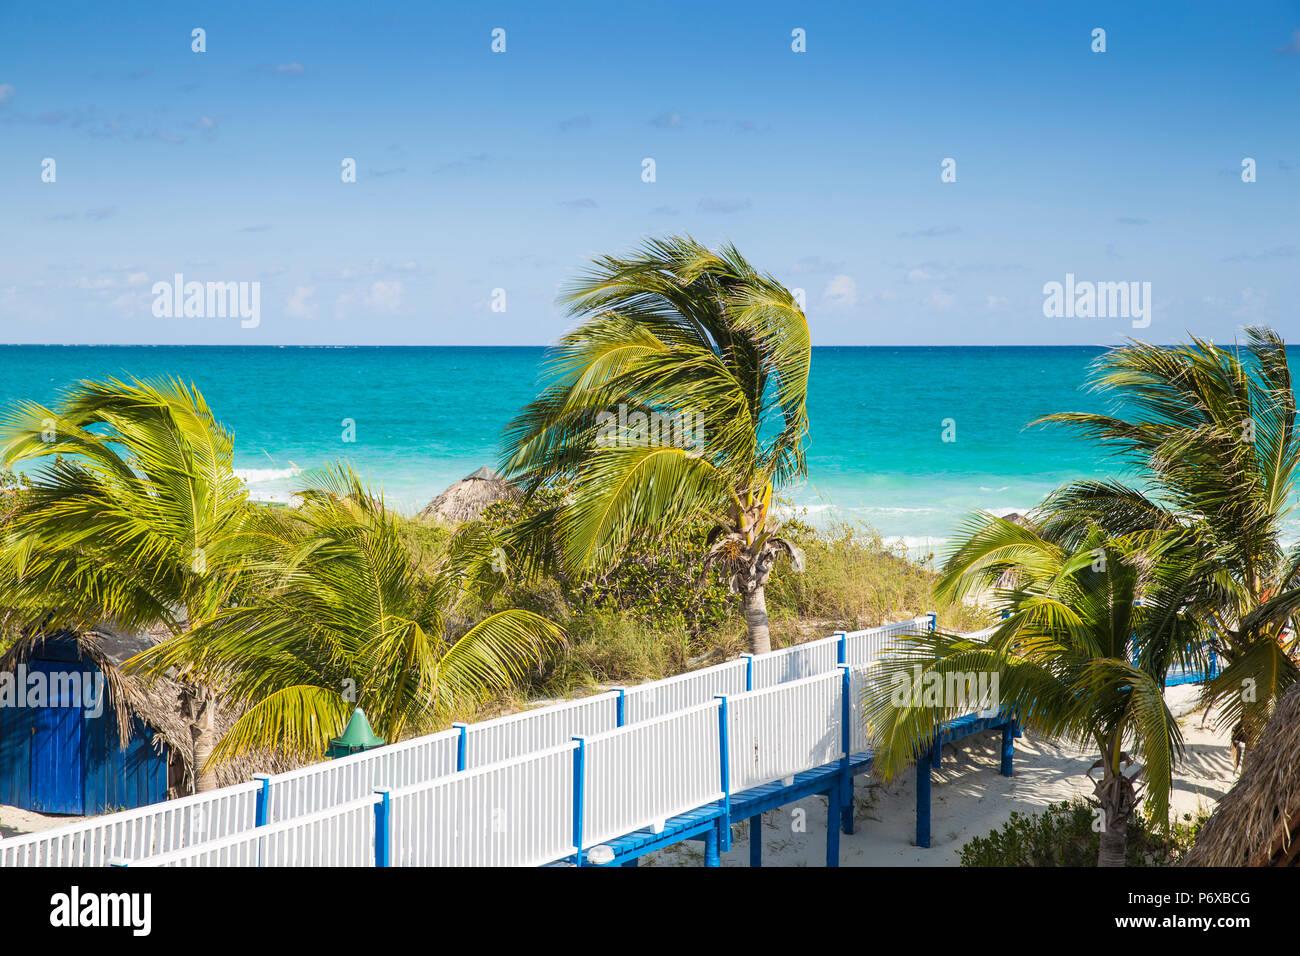 Kuba, Jardines del Rey, Cayo Guillermo, Playa Pilar Stockbild